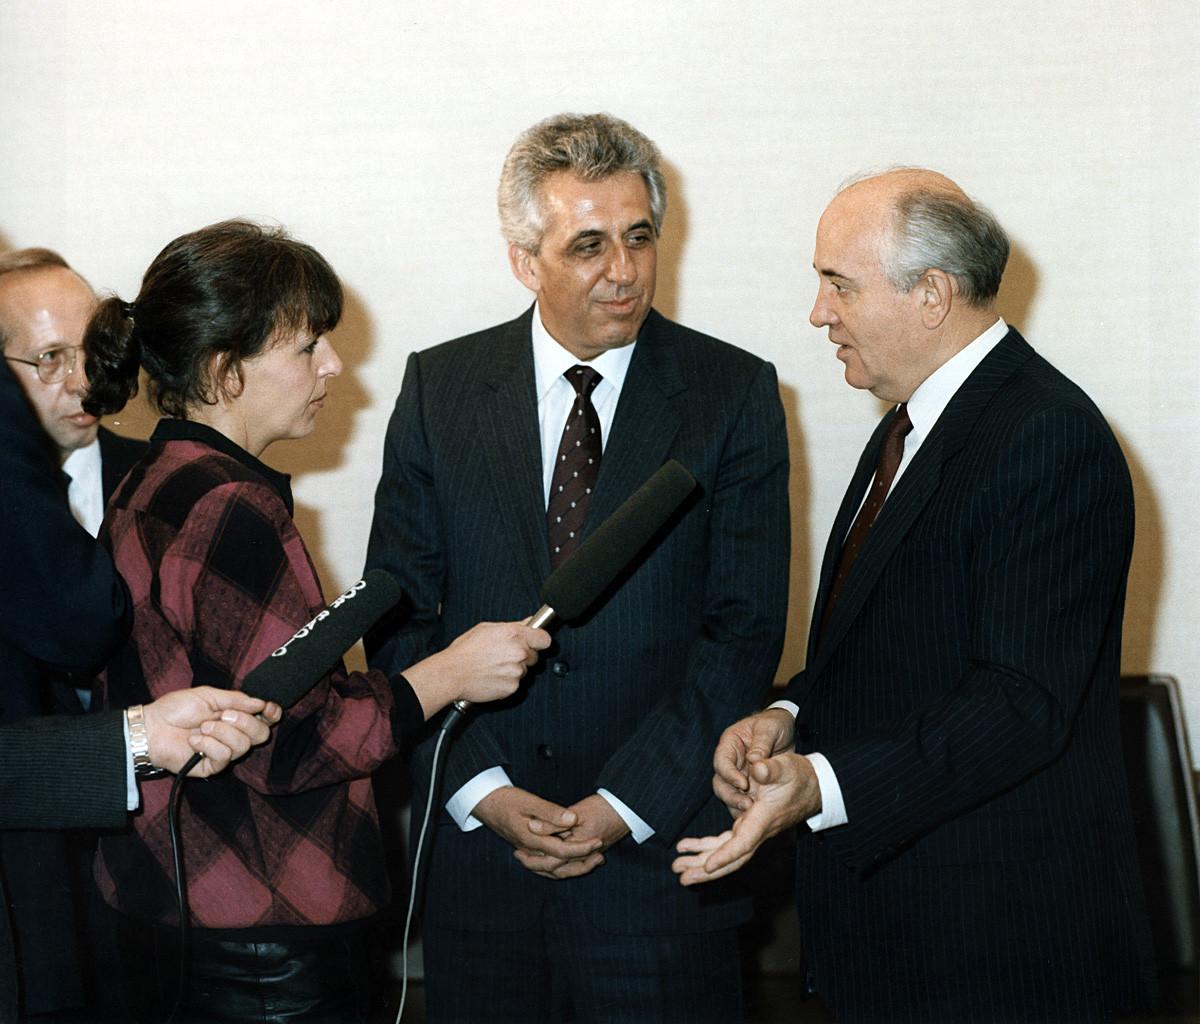 Егон Кренц и Михаил Горбачов, 1. новембра, 1989.